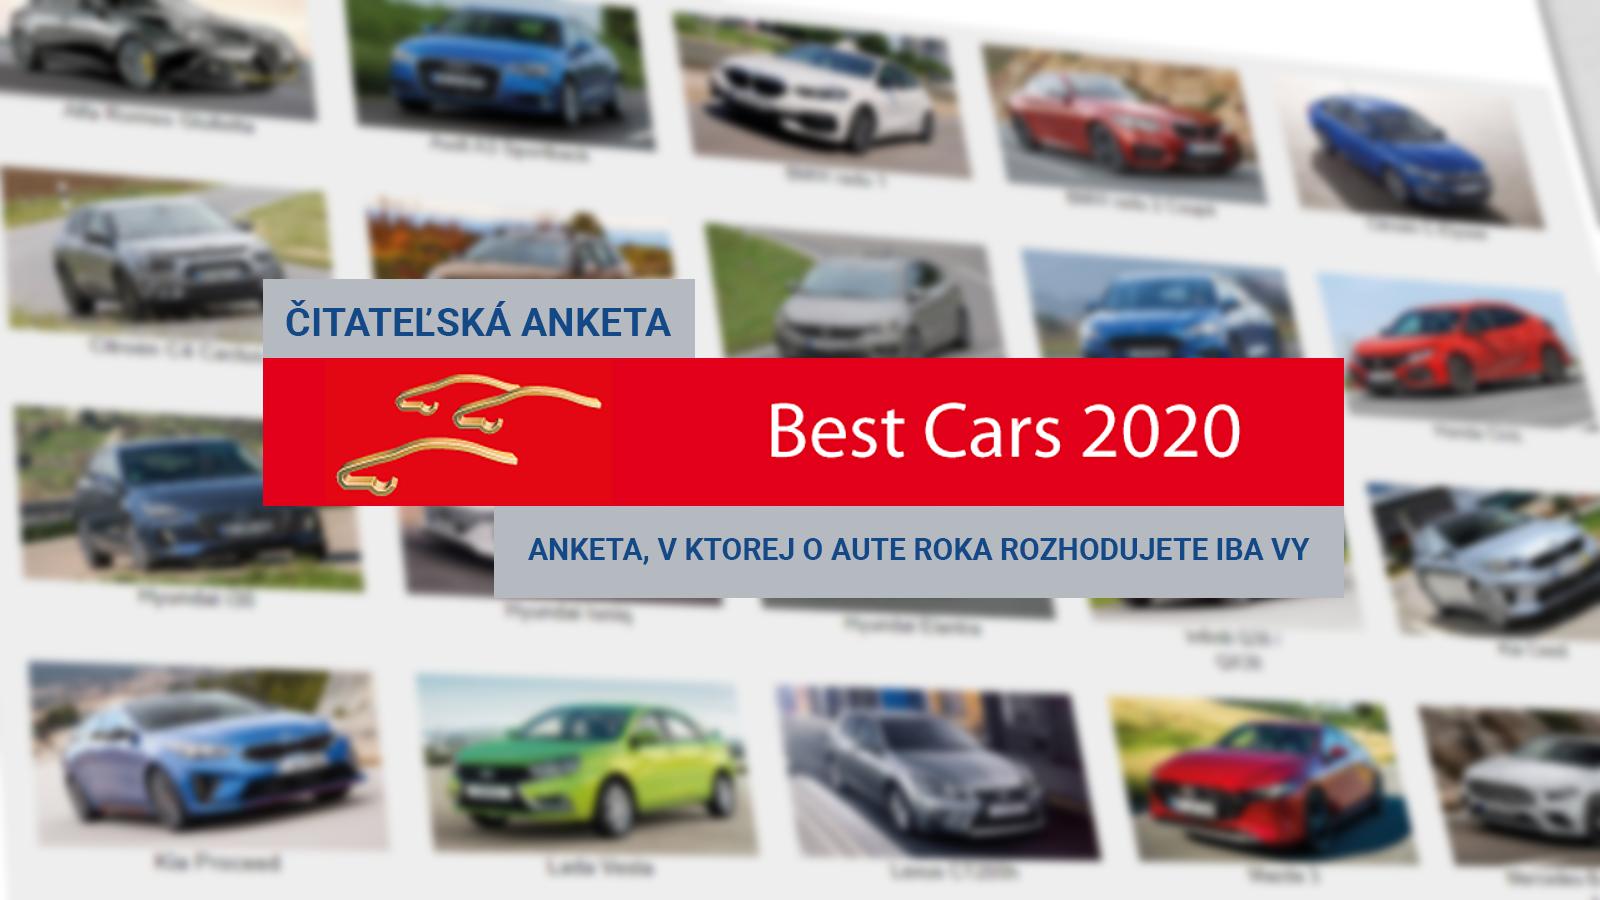 Anketa BEST CARS 2020